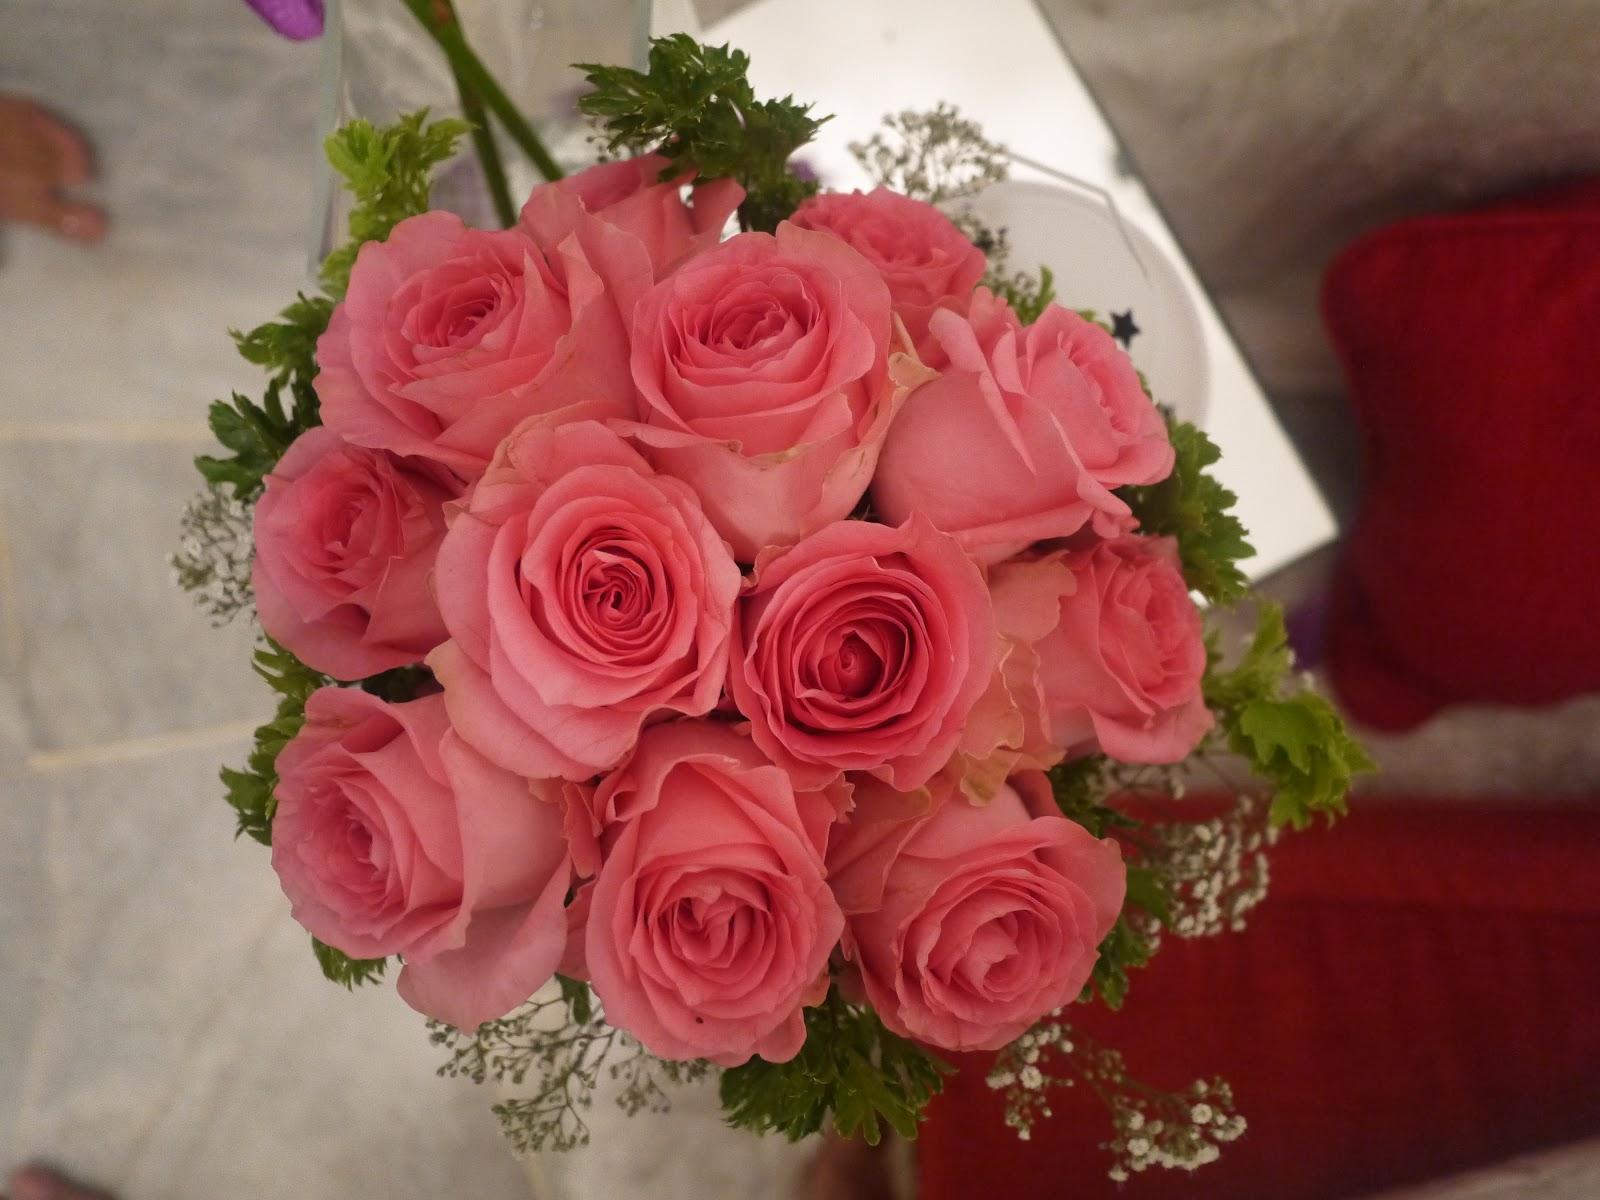 Wedding handbouquet flobees fresh flower handbouquet izmirmasajfo